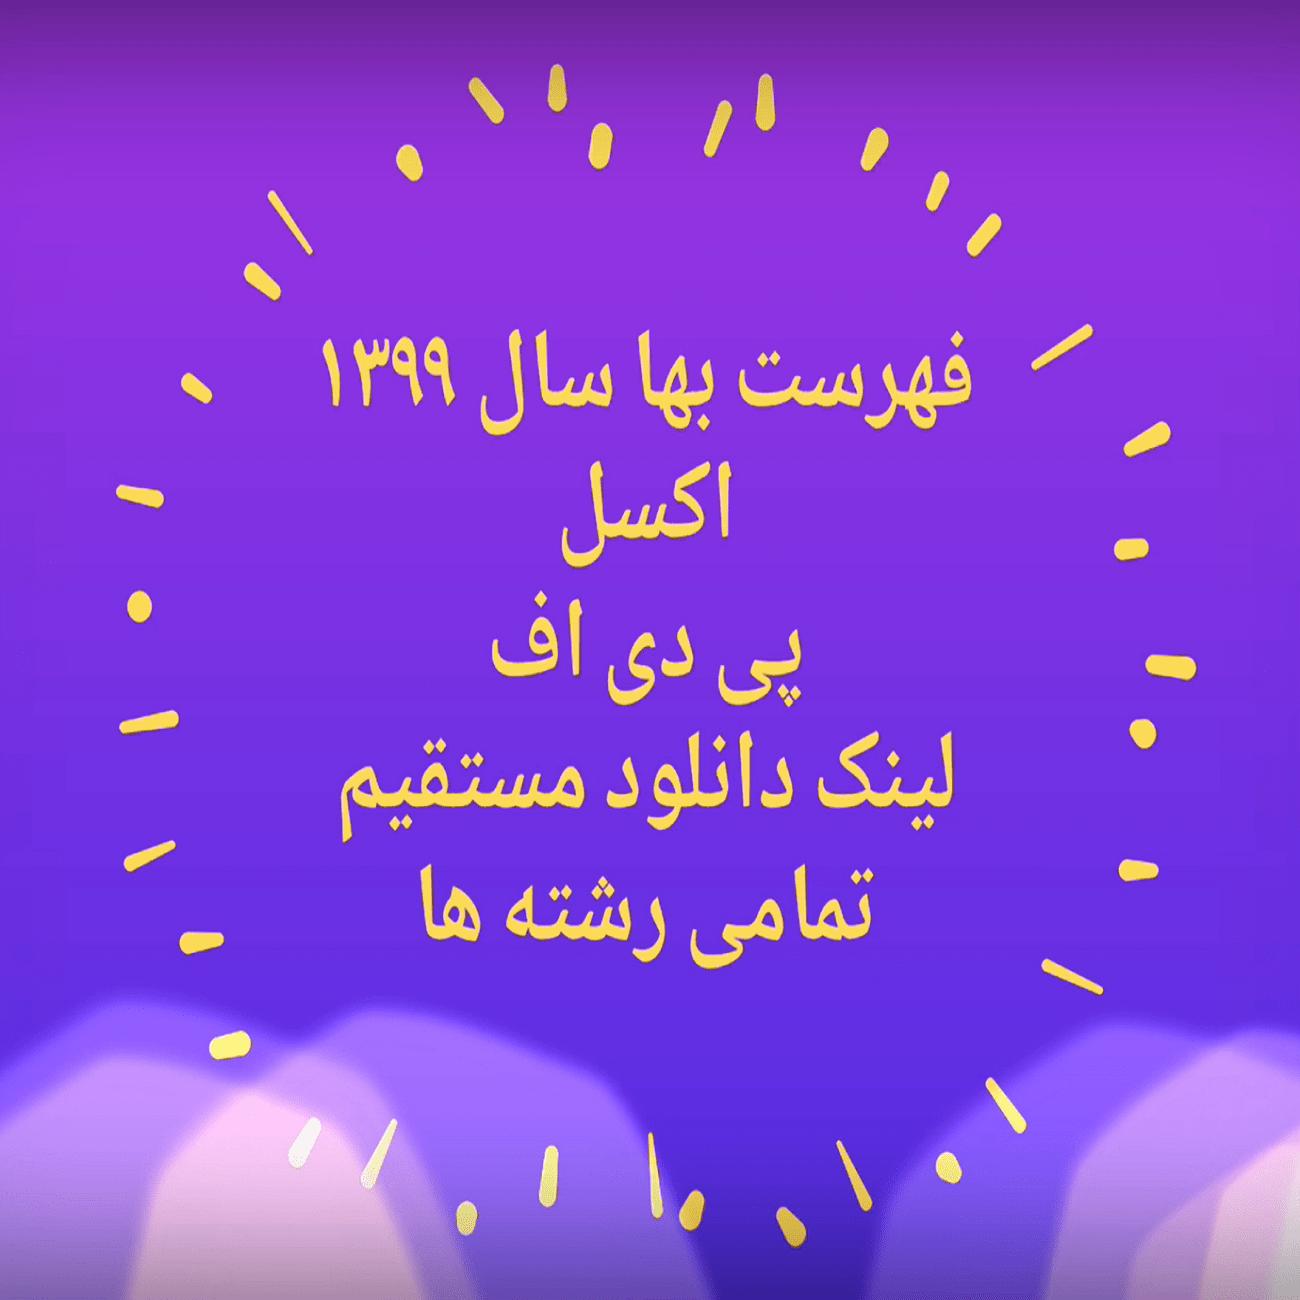 فهرست بها 1399